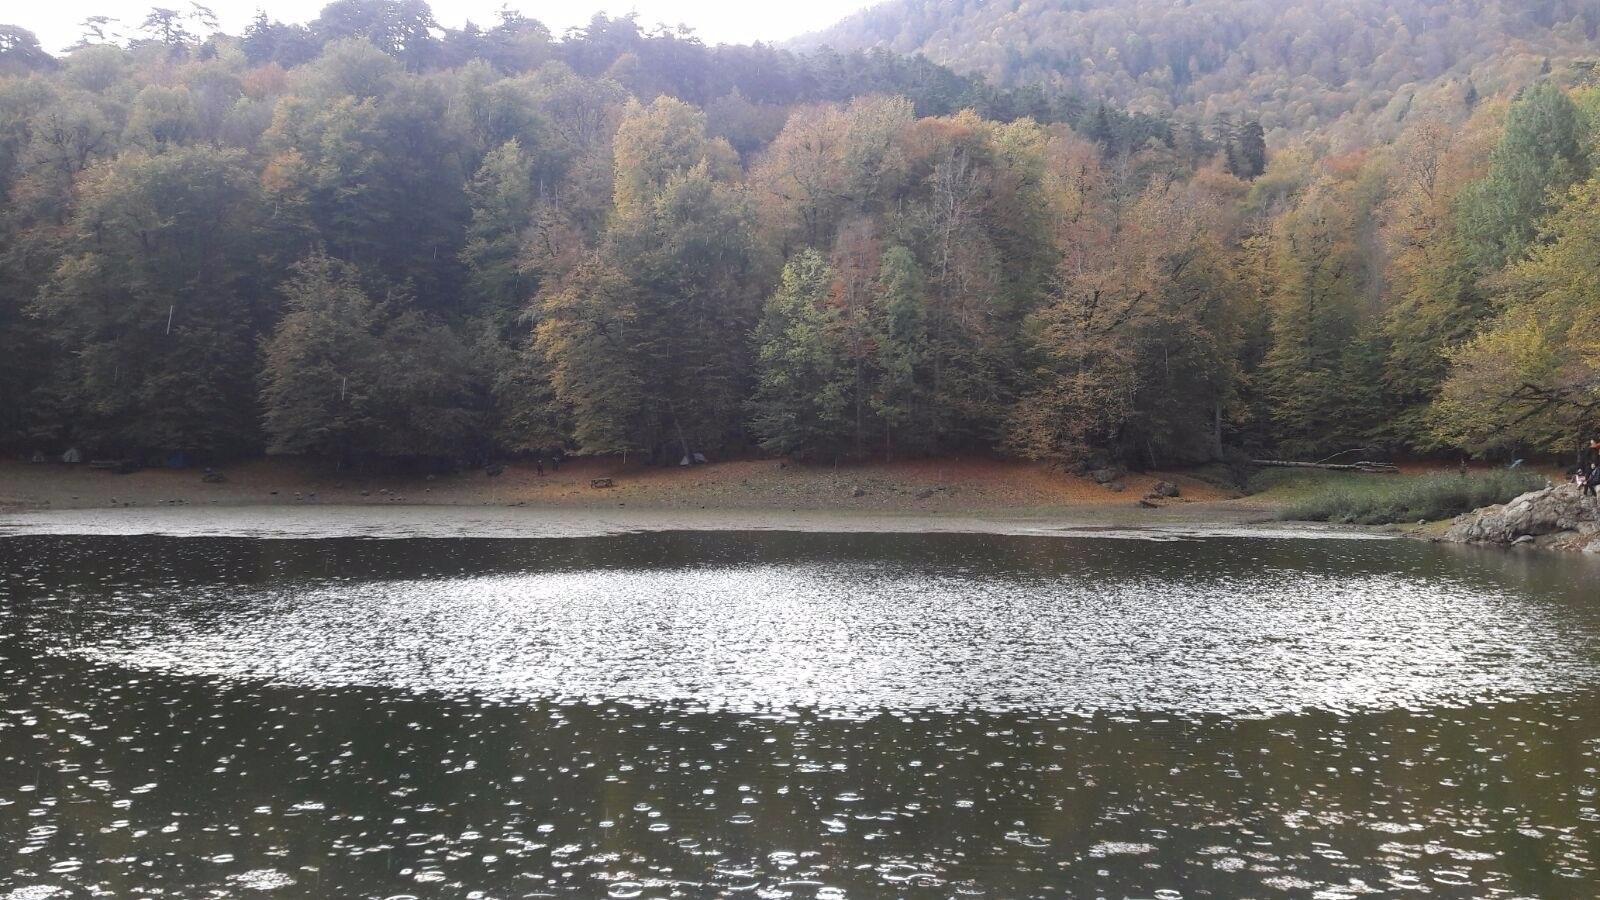 İzmir Cikisli Bolu Abant Gölü Yedi Göller Amasra Göynük